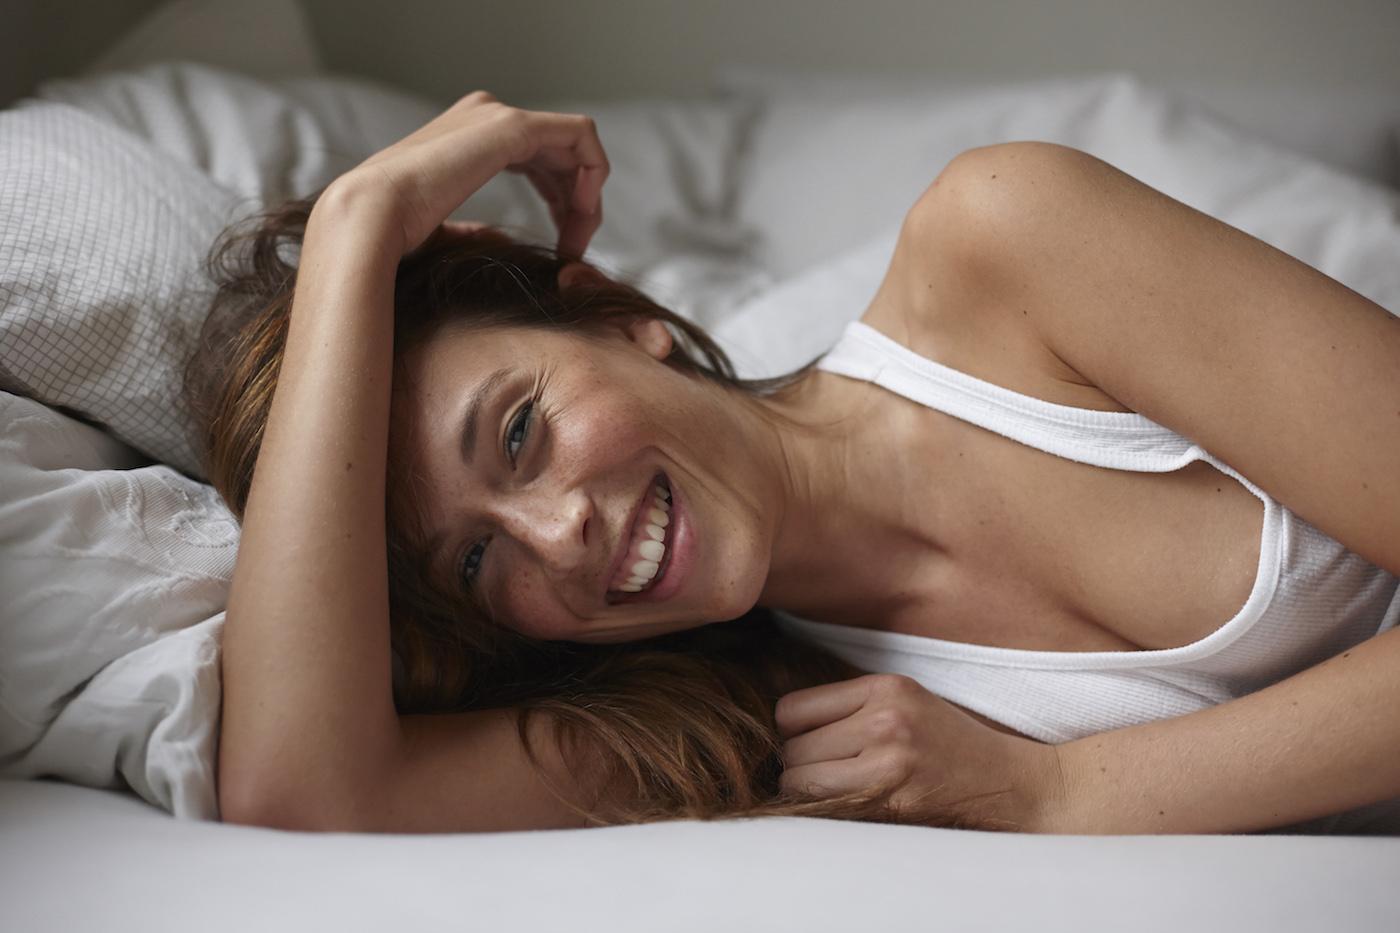 GettyImages-smiling-woman-bed-Philipp-Nemenz.jpg